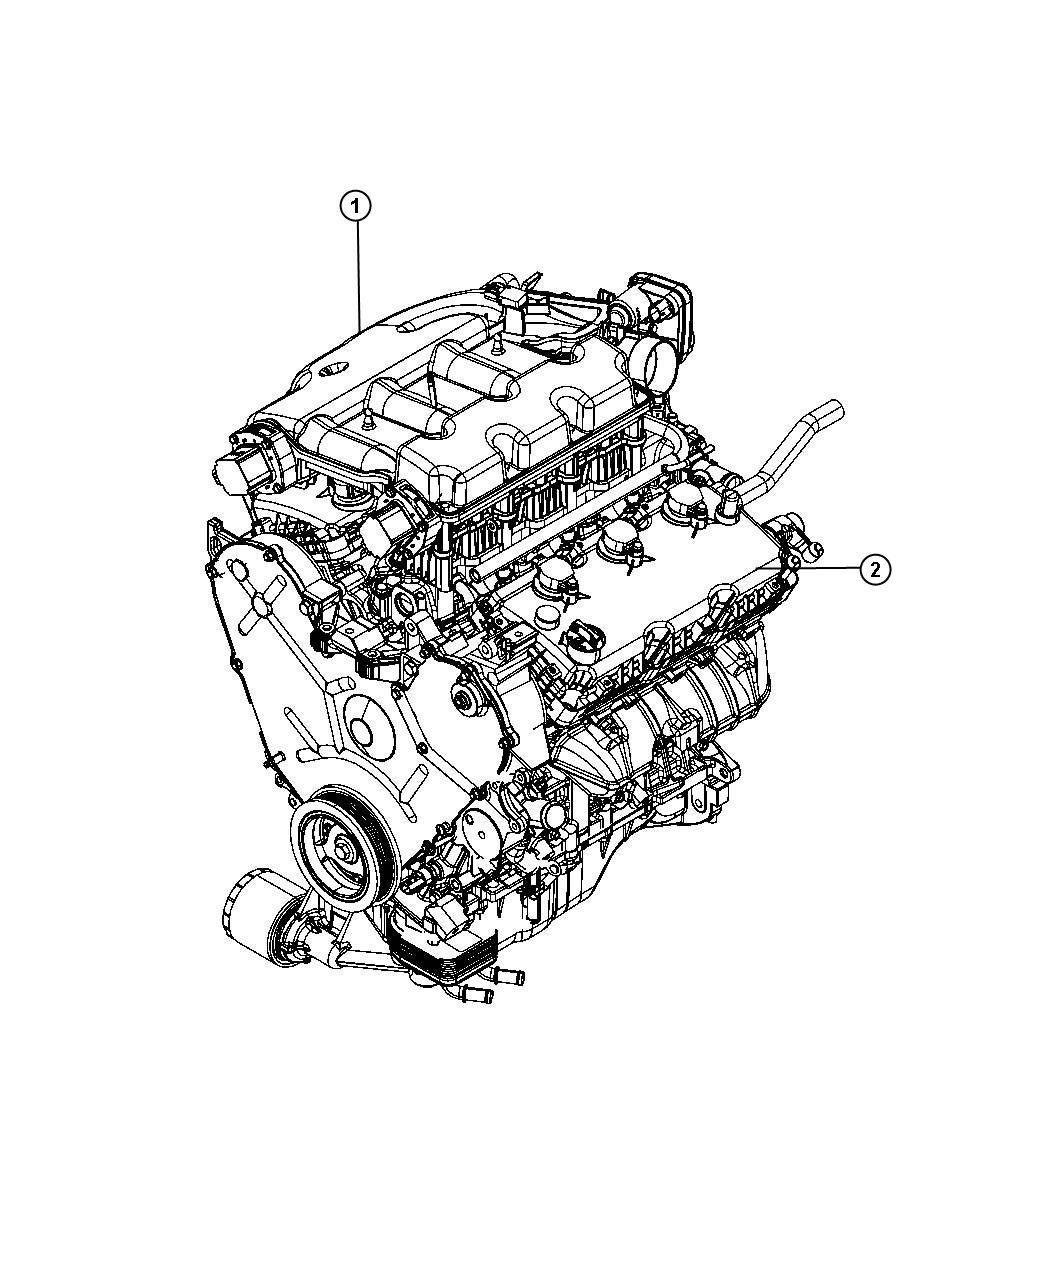 Chrysler Sebring Engine Long Block